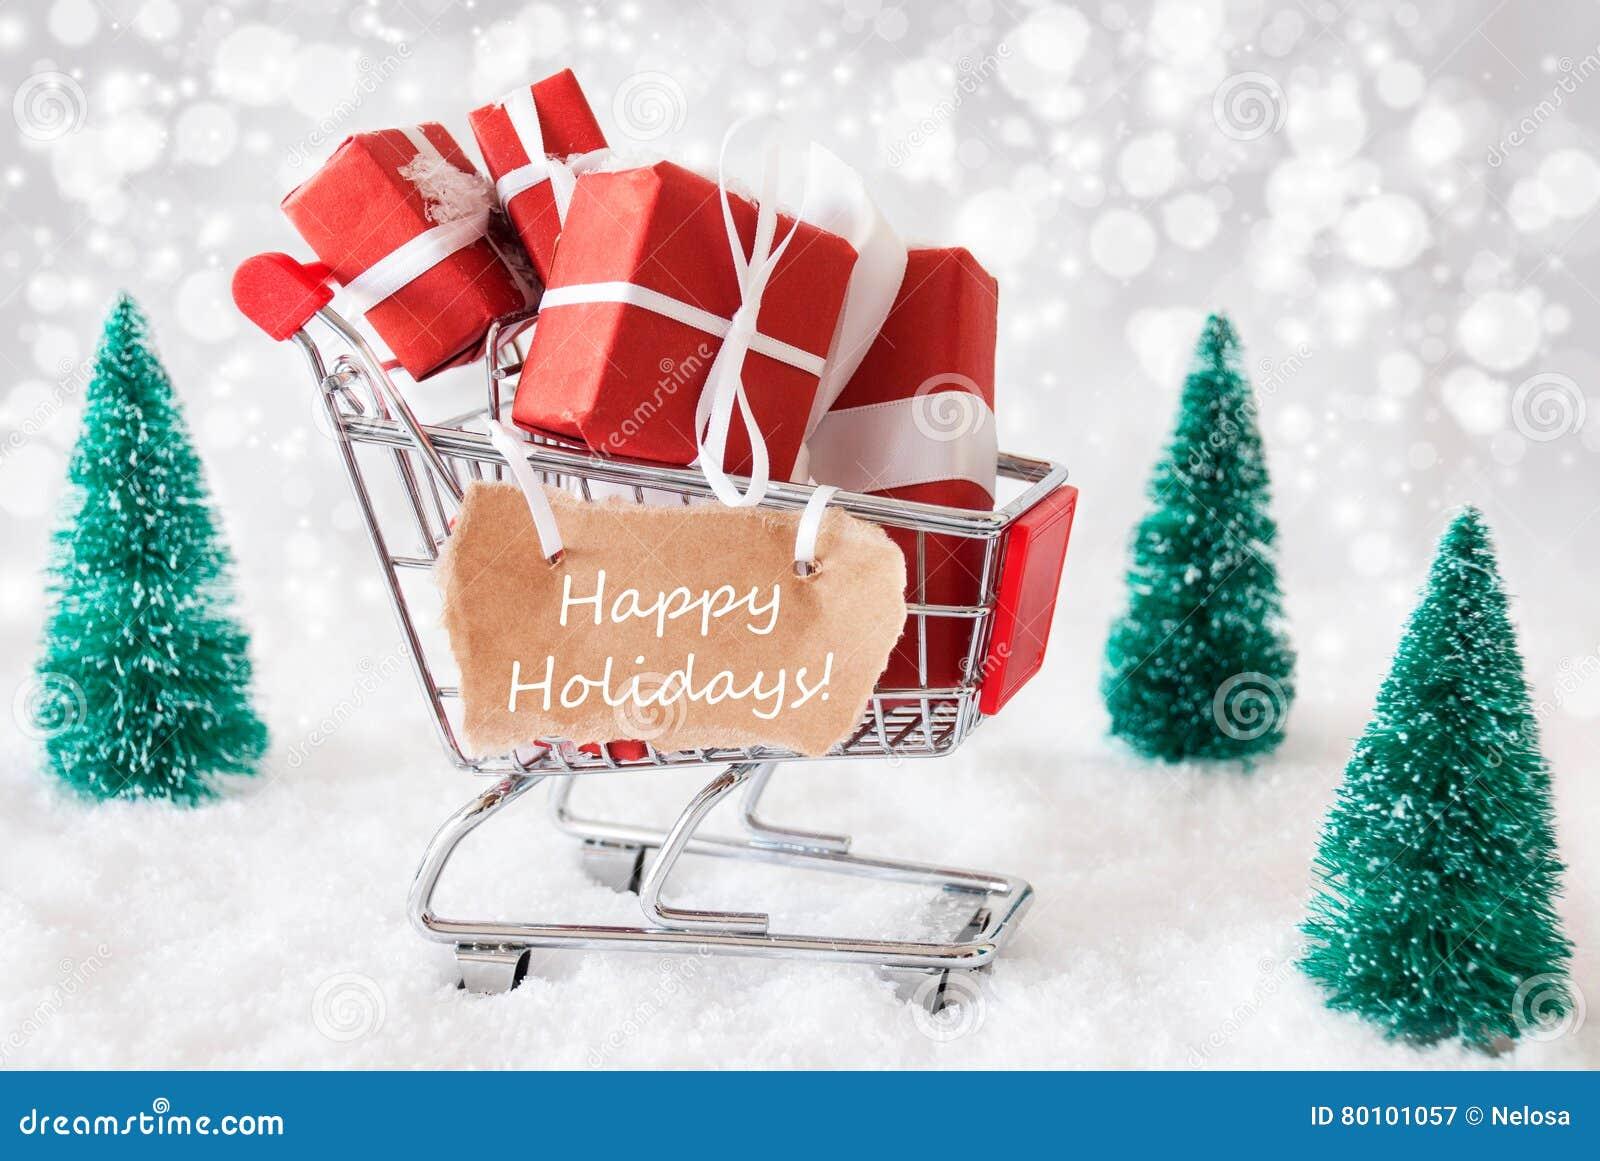 O trole com presentes e neve do Natal, Text boas festas